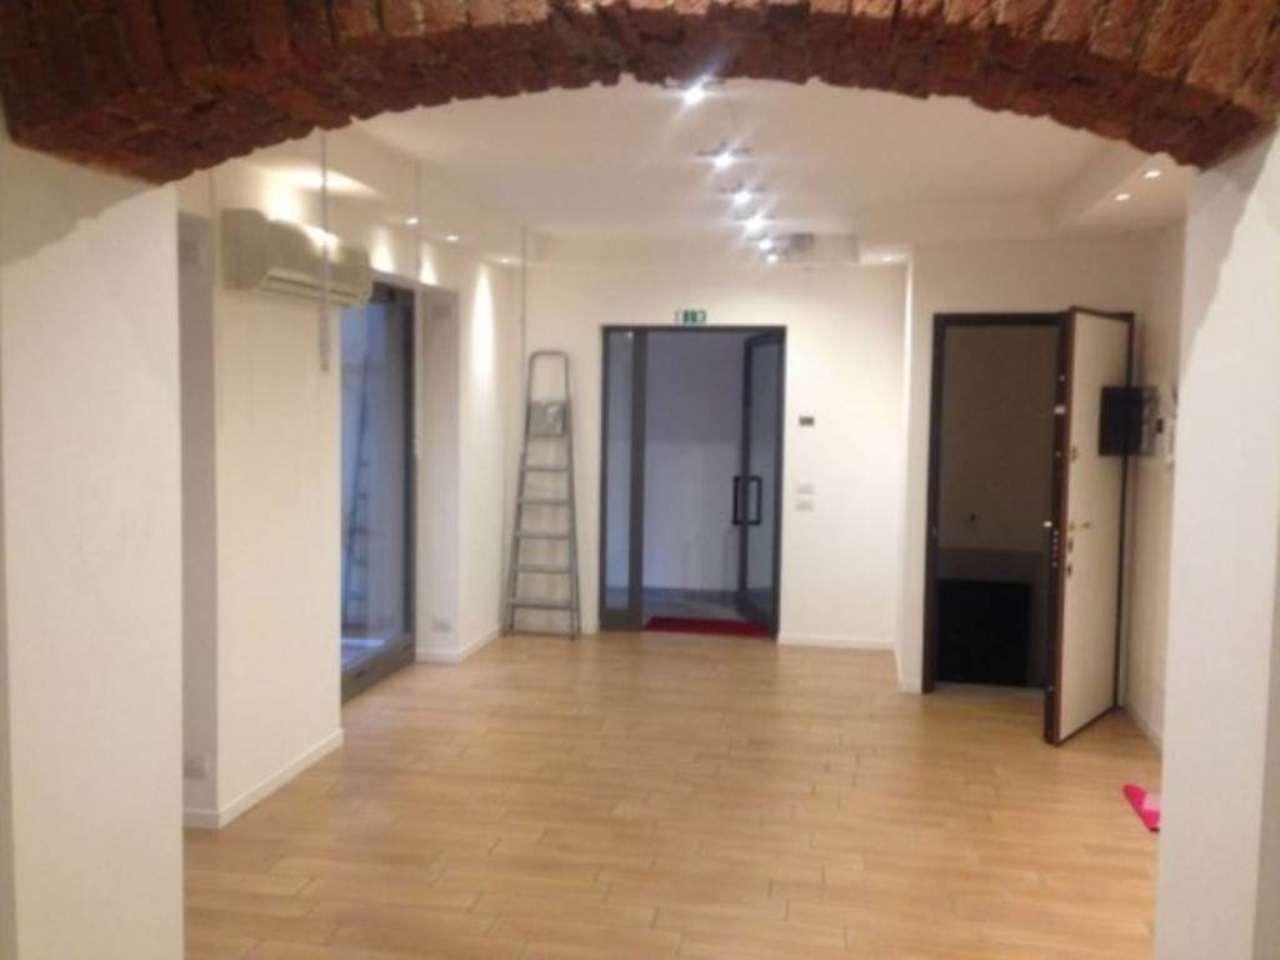 Negozio / Locale in affitto a Gallarate, 3 locali, prezzo € 600 | Cambio Casa.it